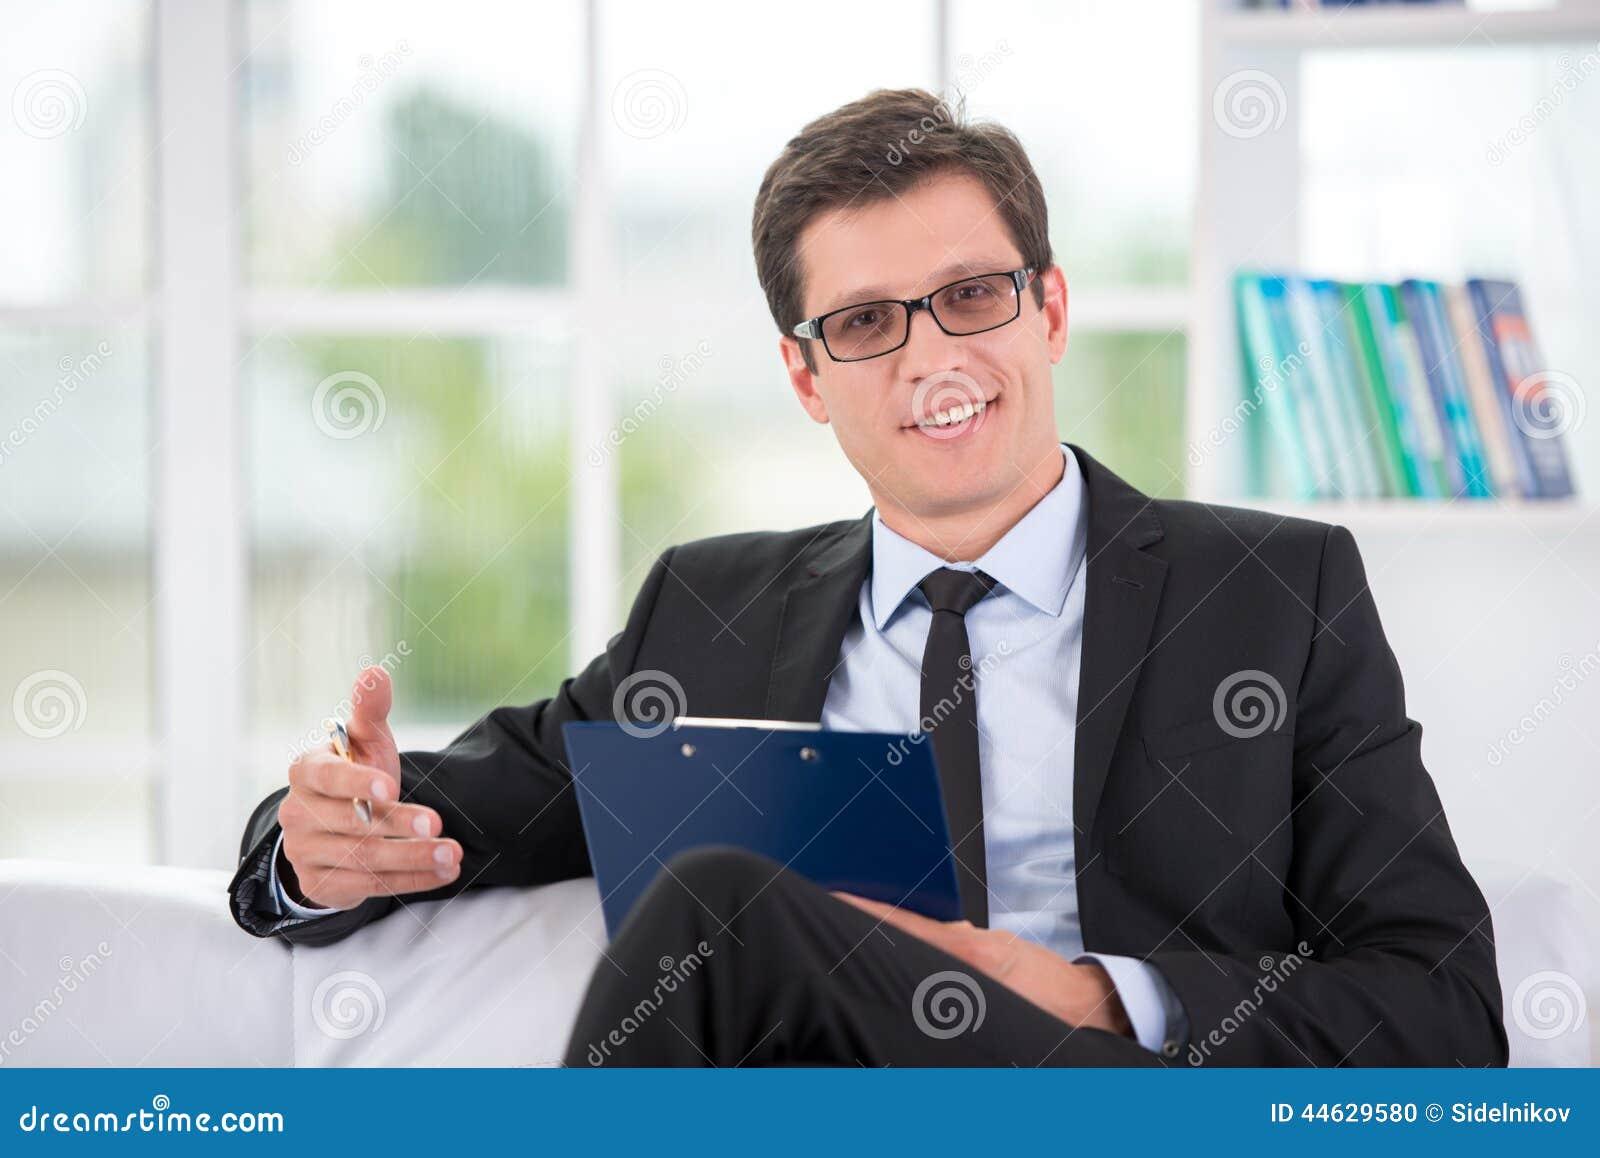 portrait-male-psychologist-office-446295